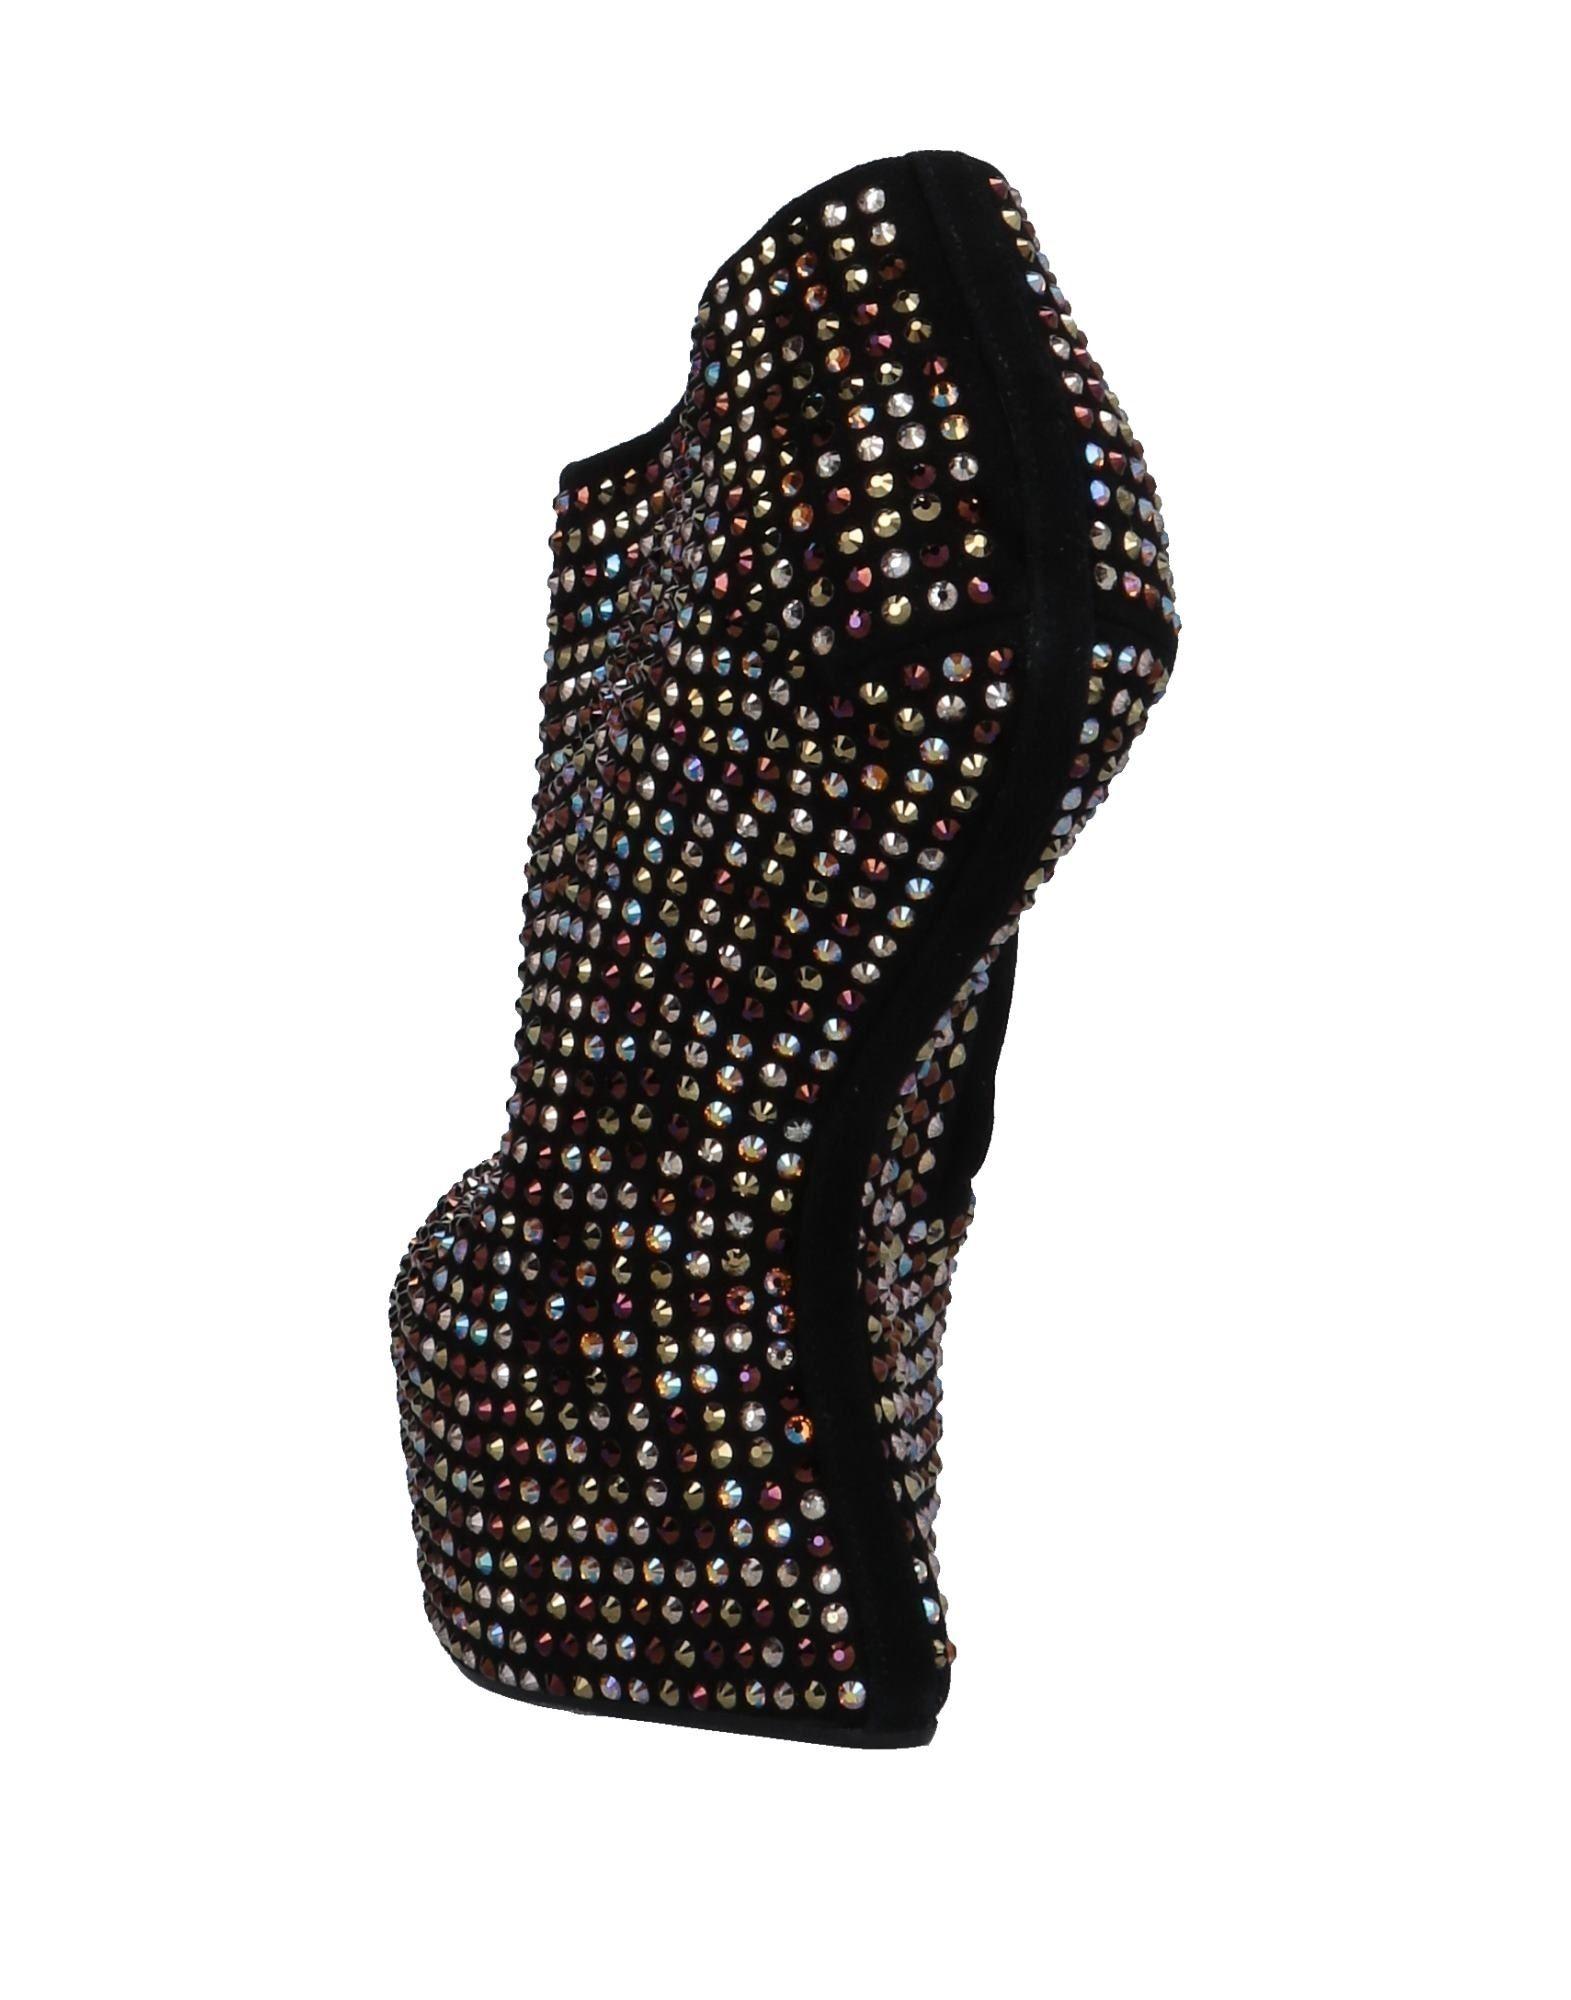 Giuseppe Zanotti Stiefelette Damen aussehende  11526863ILGünstige gut aussehende Damen Schuhe 2c3b9d